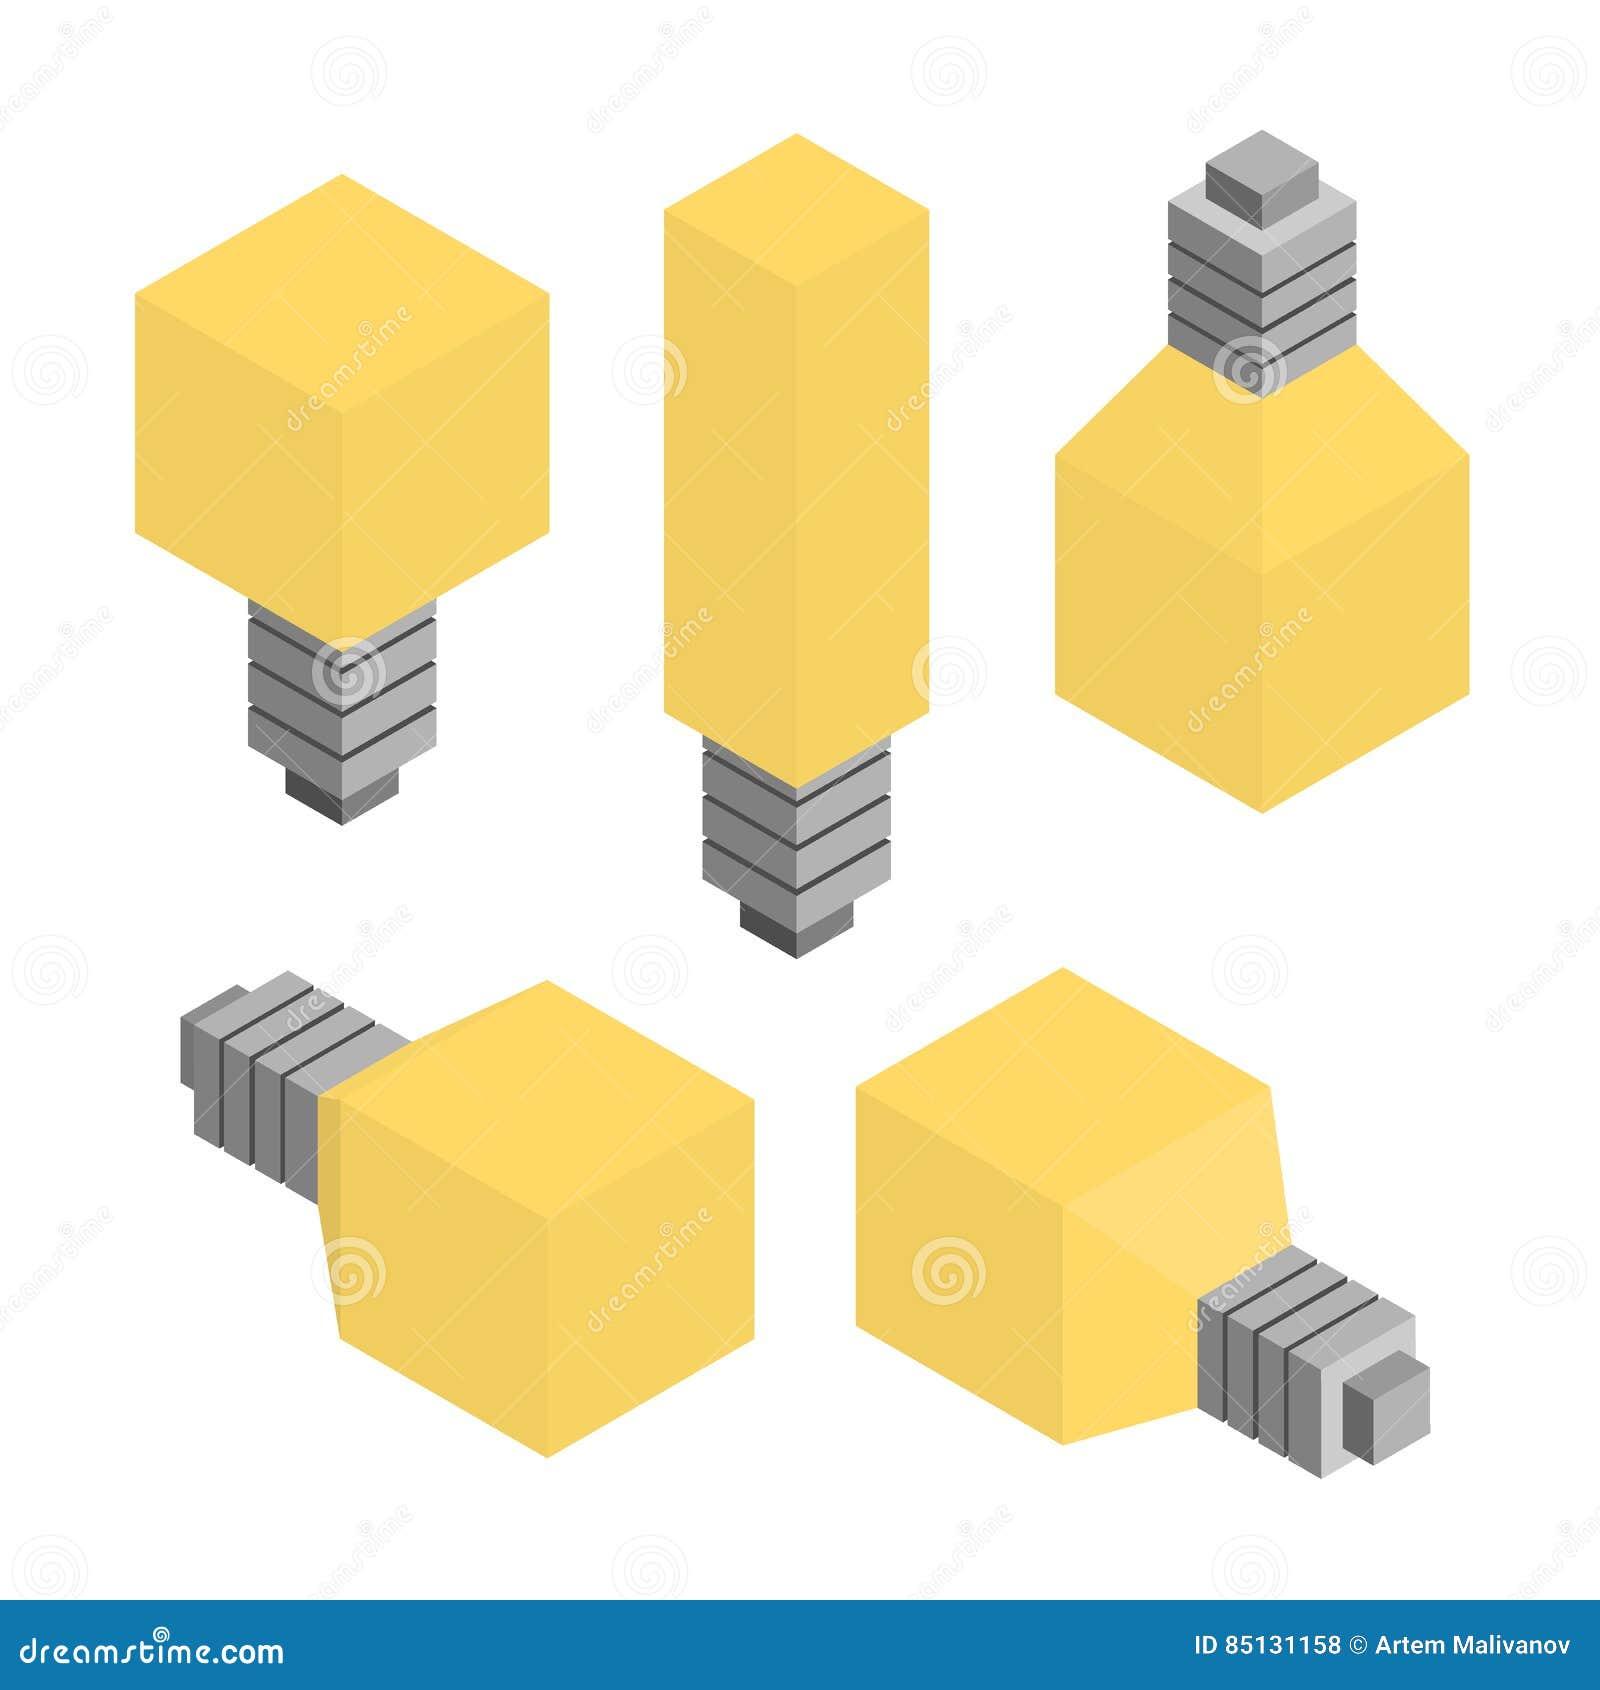 Plan isometrisk kulalampuppsättning vektor